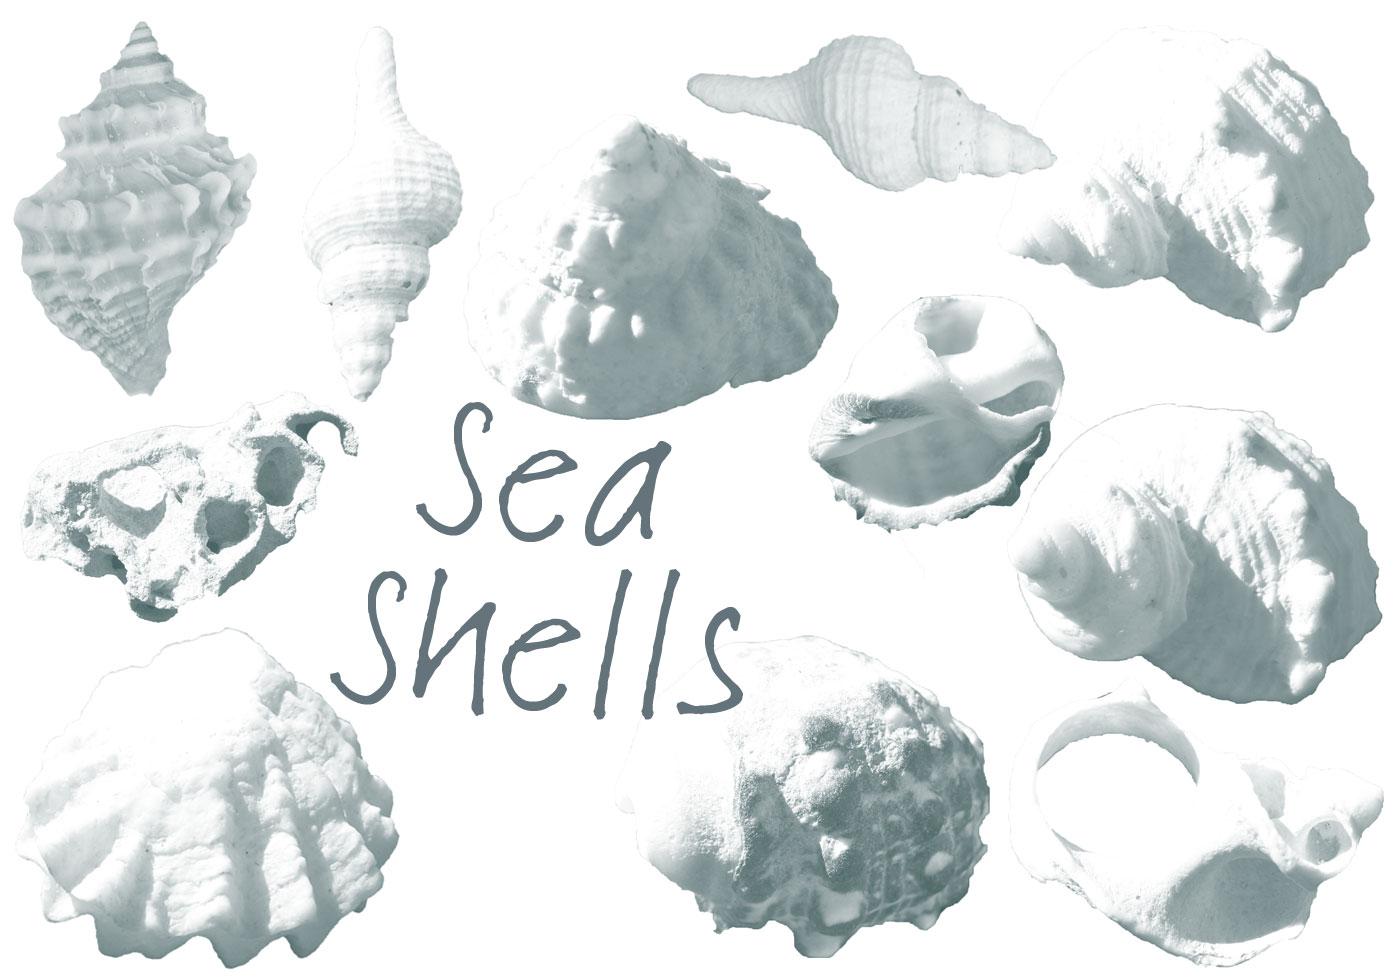 Sea Animals Photoshop Brushes - Creative Market